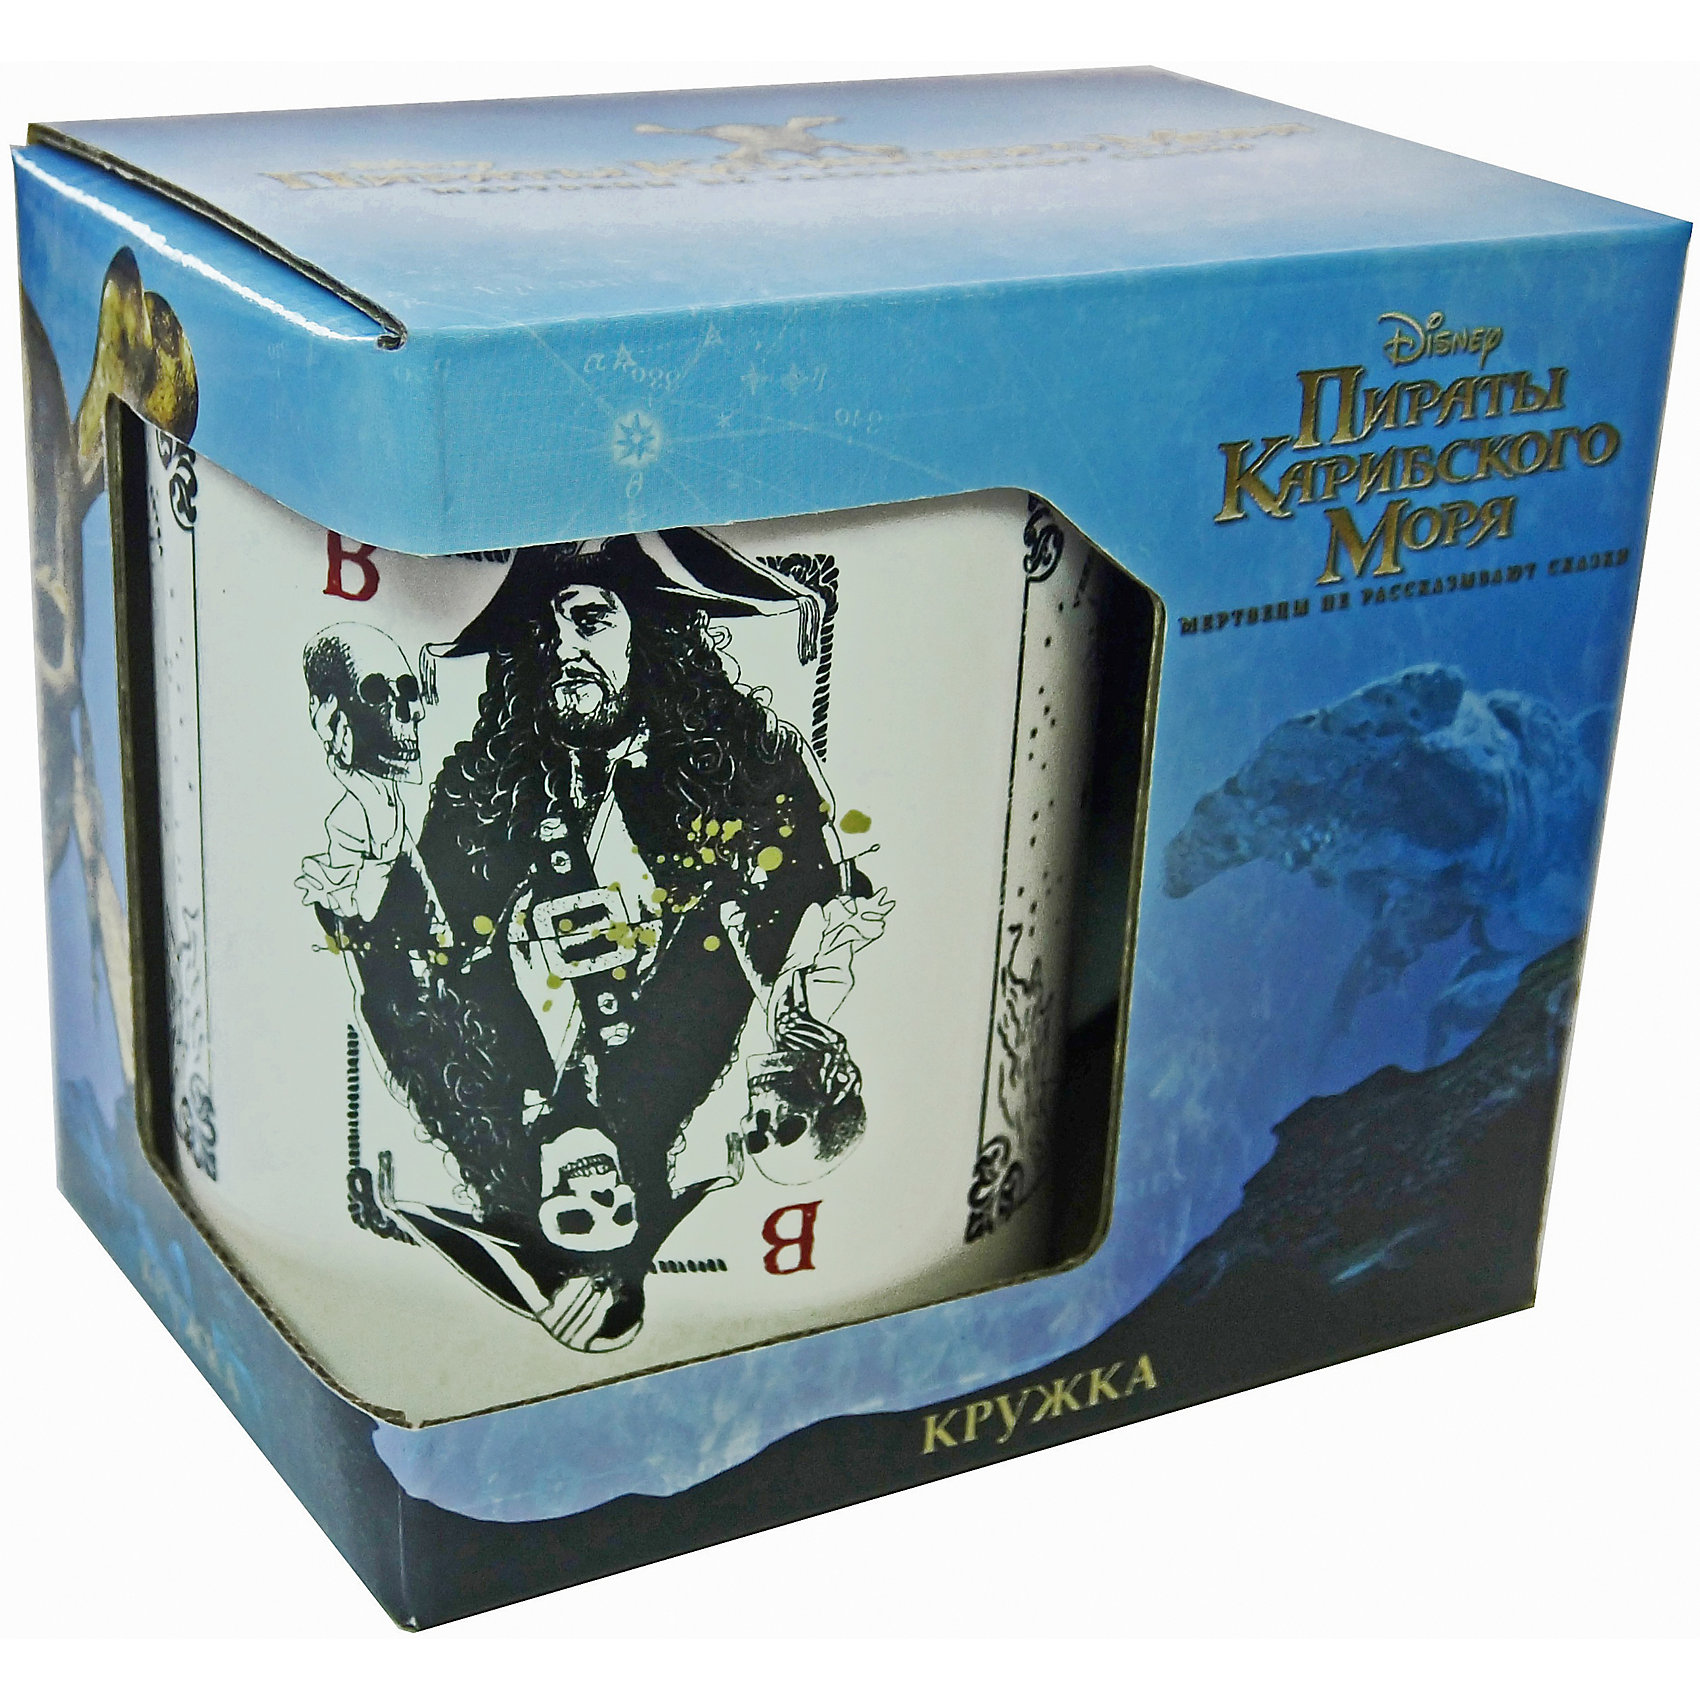 Кружка  Пираты Карибского Моря. Карты в подарочной упаковке, 350 мл., DisneyПосуда<br>Характеристики:<br><br>• Материал: керамика<br>• Тематика рисунка: Пираты Карибского моря<br>• Можно использовать для горячих и холодных напитков<br>• Объем: 350 мл<br>• Упаковка: подарочная картонная коробка<br>• Вес: 360 г <br>• Размеры (Д*Ш*В): 12*8,2*9,5 см<br>• Особенности ухода: можно мыть в посудомоечной машине<br><br>Кружка Пираты Карибского моря. Карты в подарочной упаковке, 350 мл., Disney выполнена в стильном дизайне: на белый корпус нанесено изображение имитирующее игральные карты с героями фильма. Изображение устойчиво к появлению царапин, не выцветает при частом мытье. <br><br>Кружку Пираты Карибского моря. Карты в подарочной упаковке, 350 мл., Disney можно купить в нашем интернет-магазине.<br><br>Ширина мм: 120<br>Глубина мм: 82<br>Высота мм: 95<br>Вес г: 360<br>Возраст от месяцев: 36<br>Возраст до месяцев: 1188<br>Пол: Унисекс<br>Возраст: Детский<br>SKU: 6849940